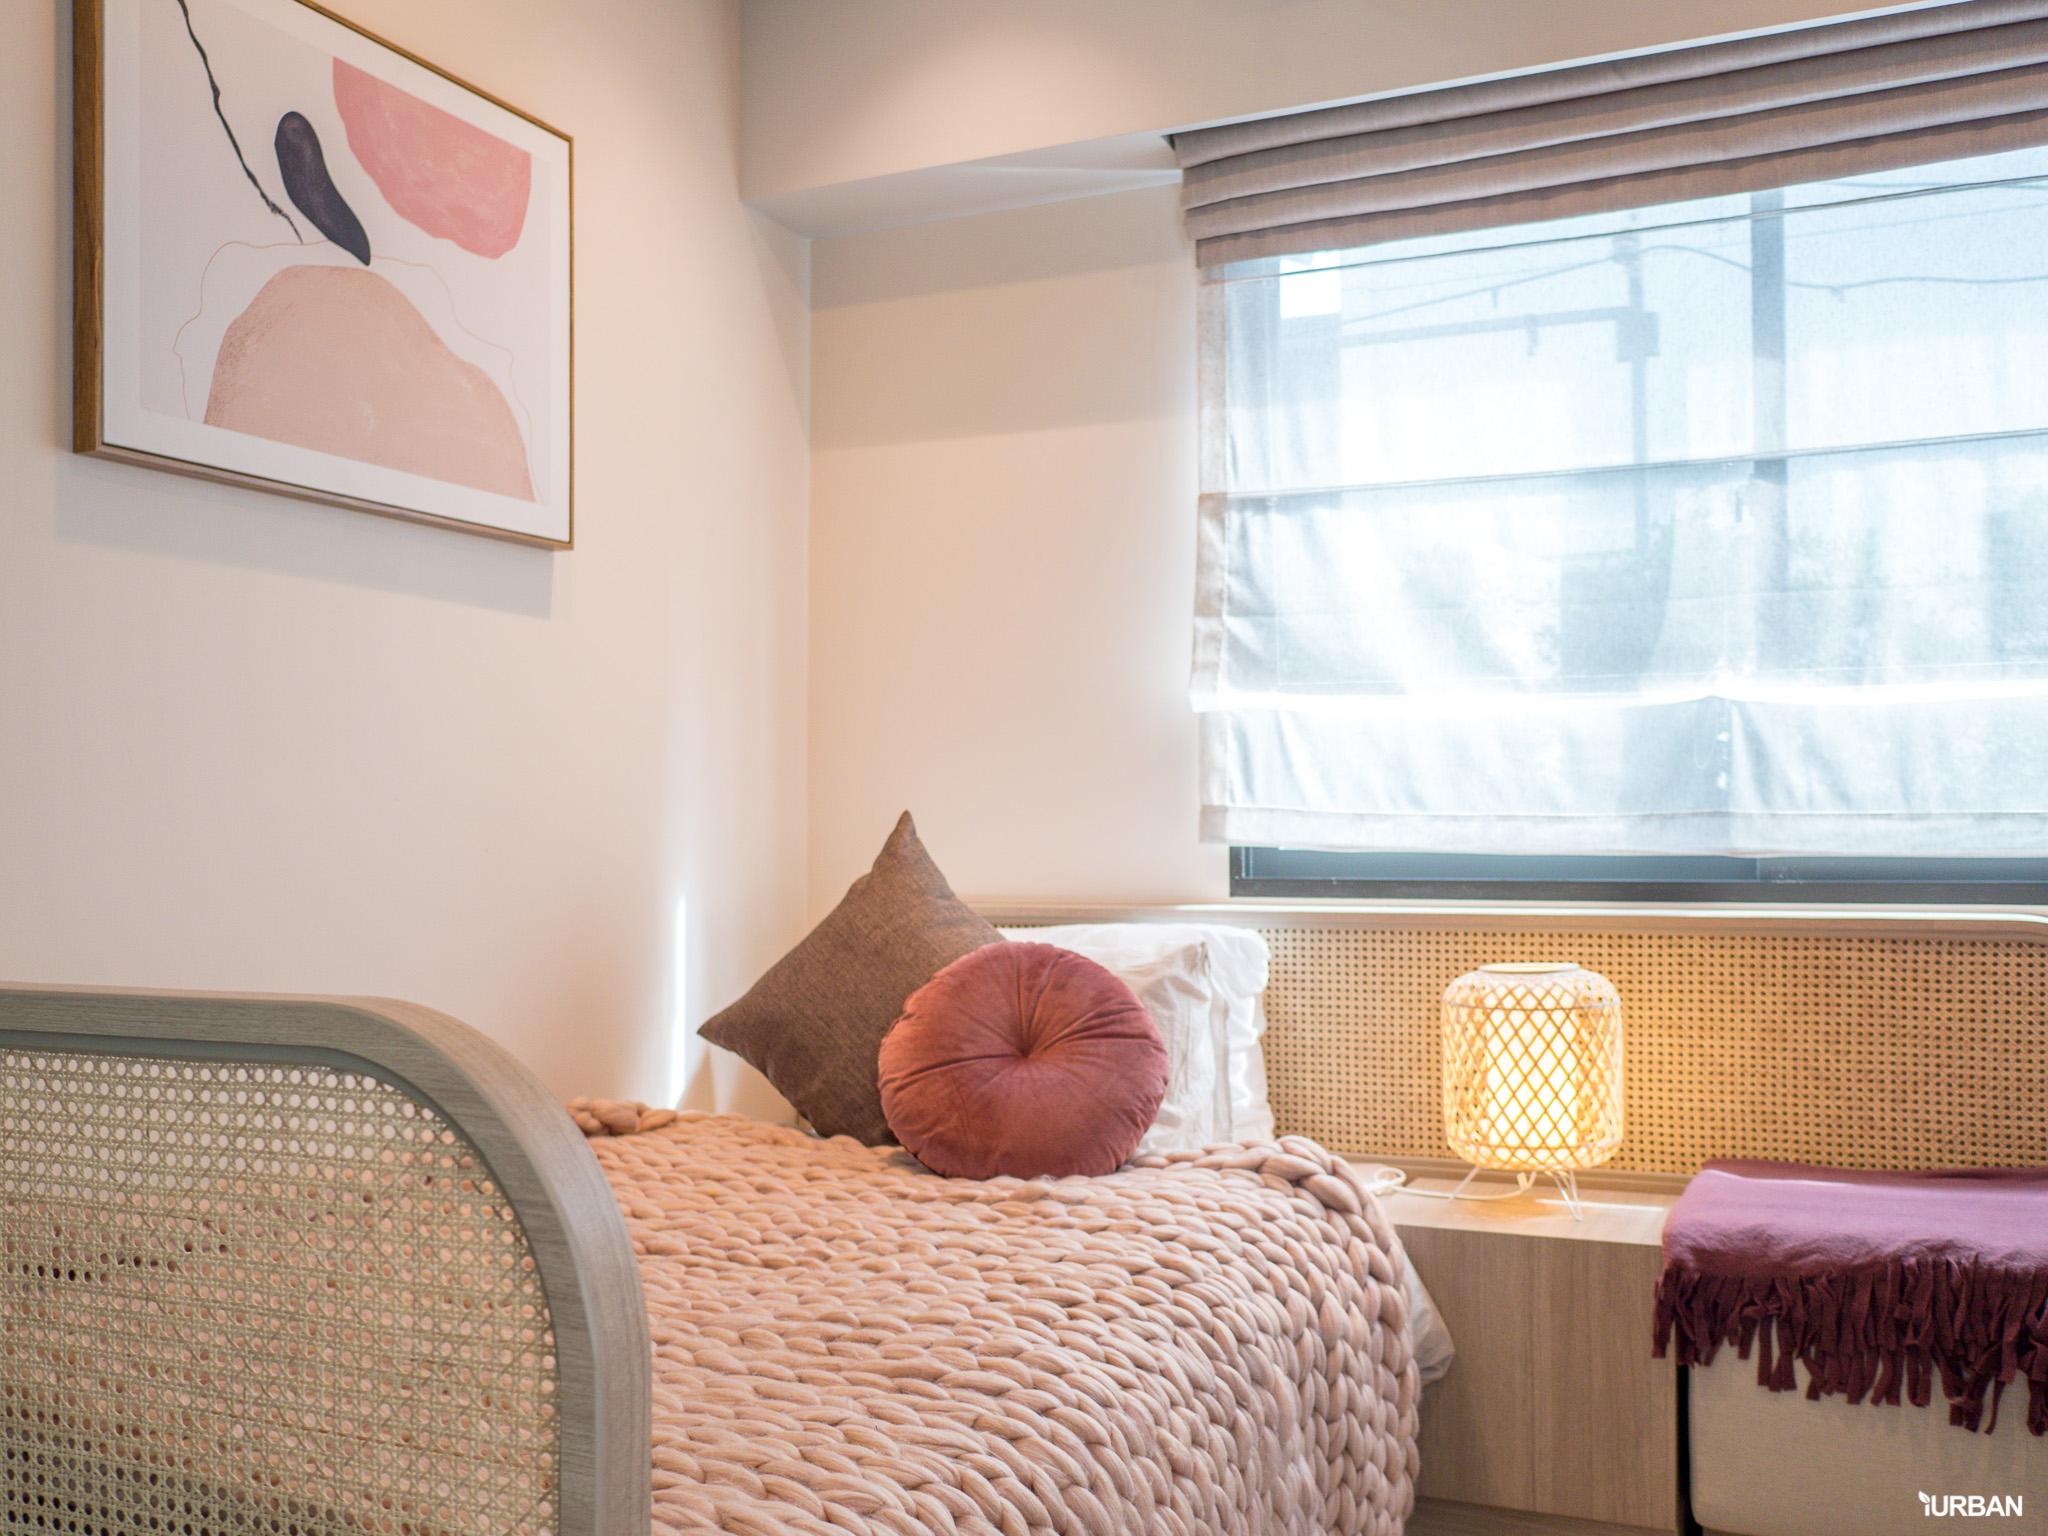 รีวิว อณาสิริ ชัยพฤกษ์-วงแหวน เมื่อแสนสิริออกแบบบ้านใหม่ Feel Just Right ใช้งานได้ลงตัว 38 - Anasiri